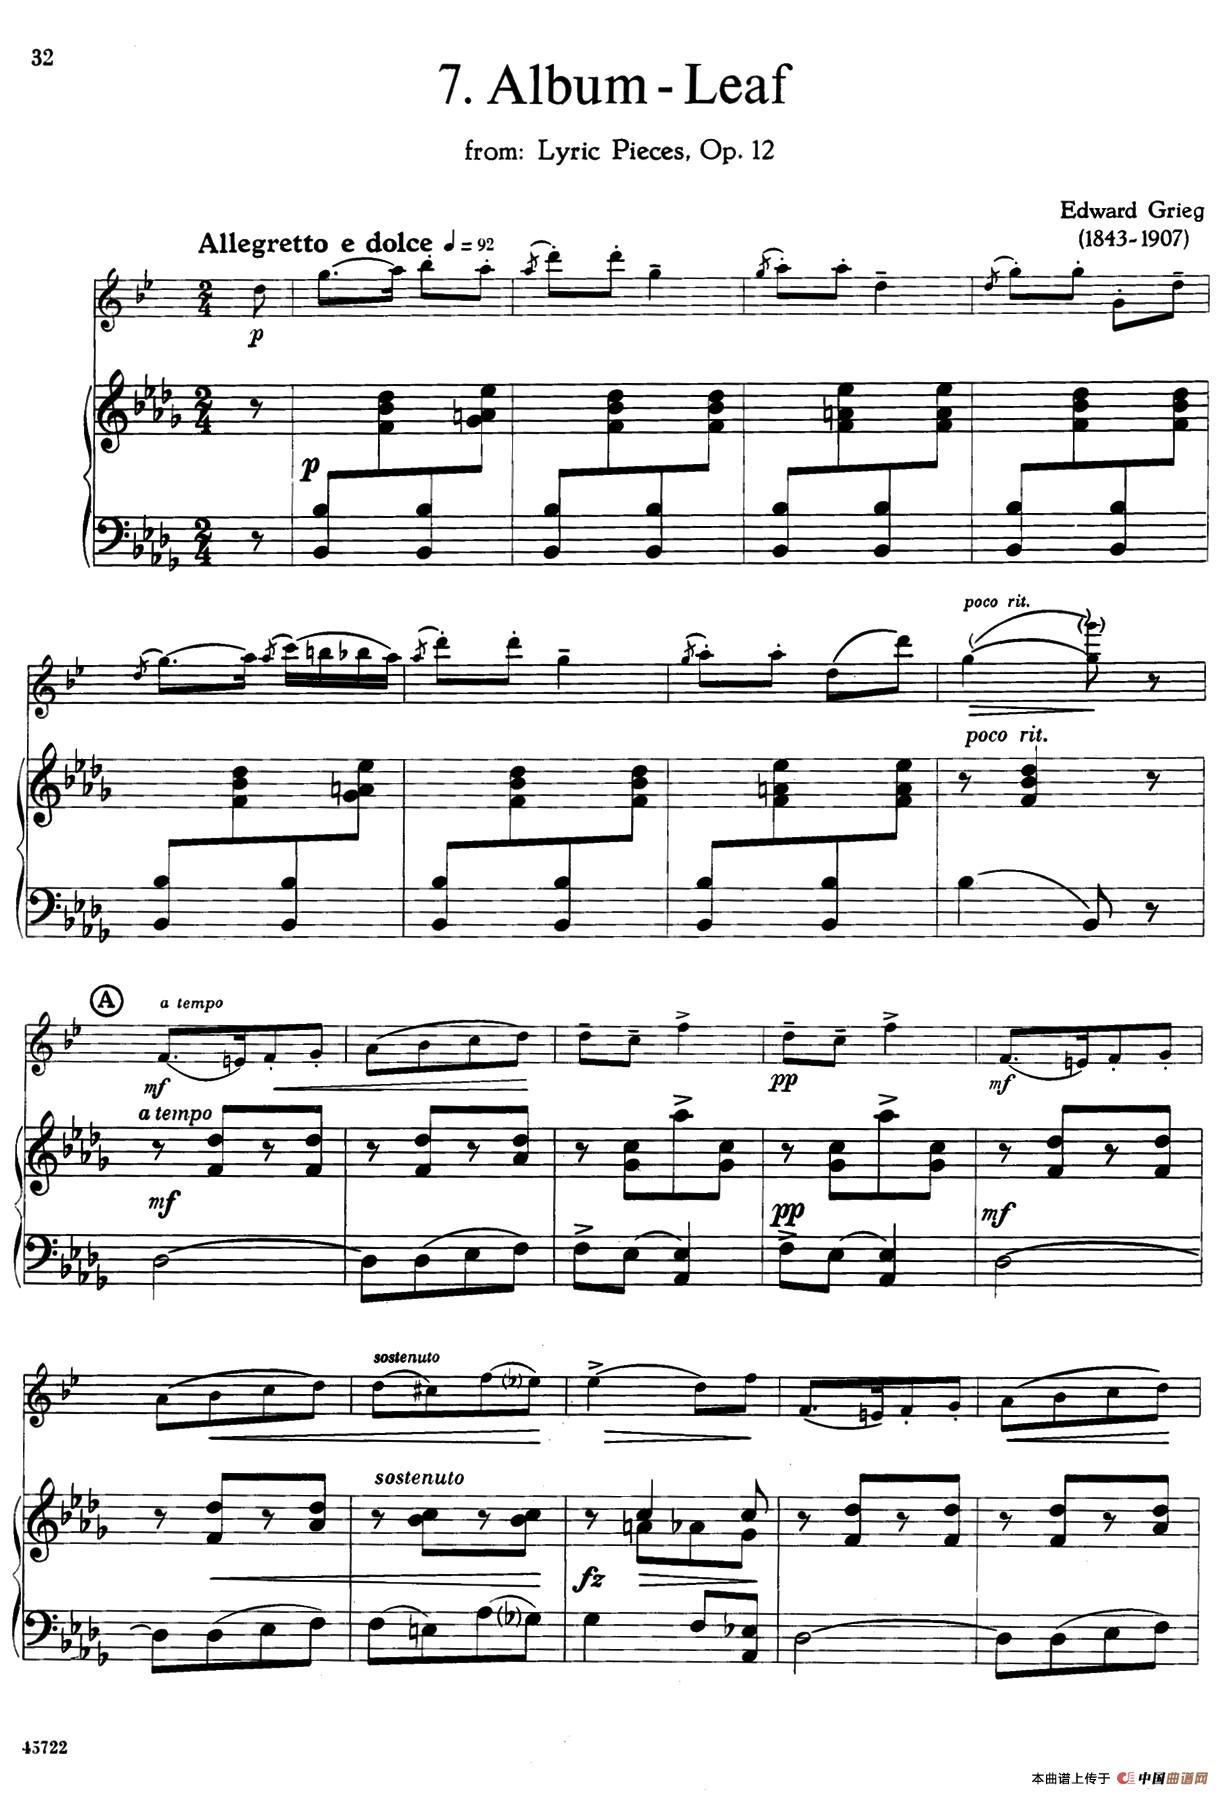 15首古典萨克斯独奏曲 7 Album Leaf 中音萨克斯 钢琴伴奏